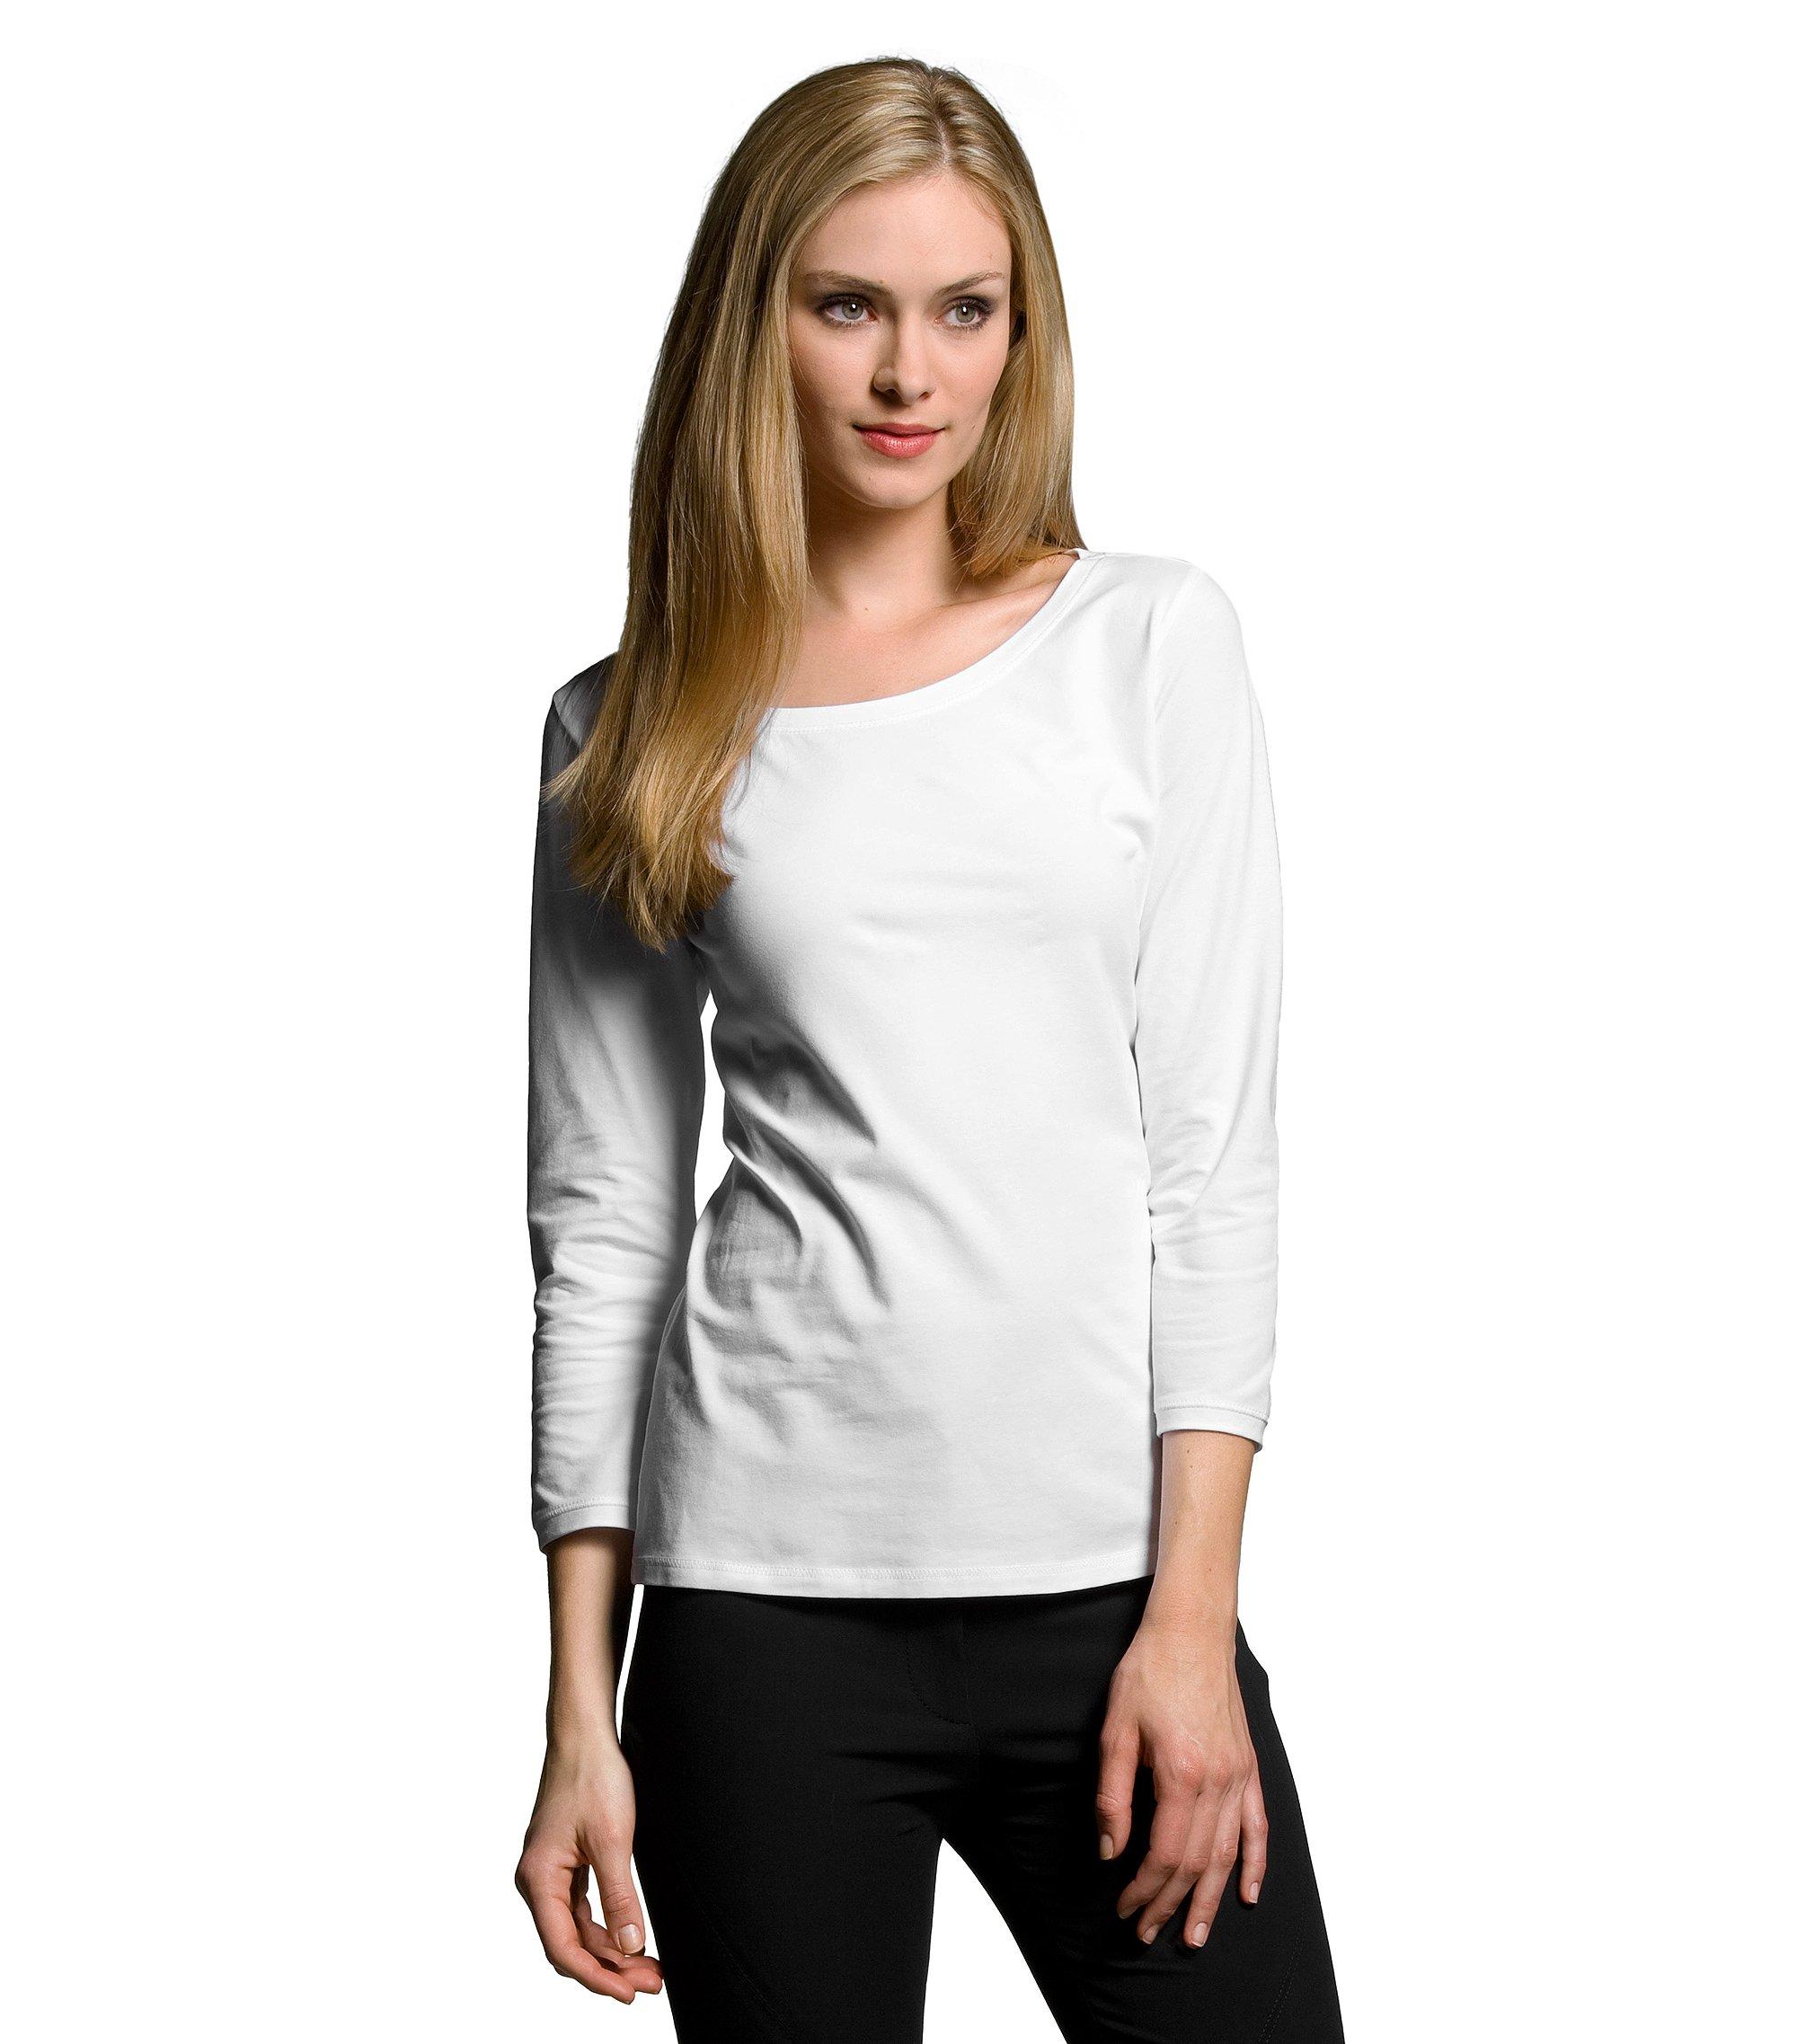 Designer-Longsleeve ´E4020` mit Rundhals, Weiß